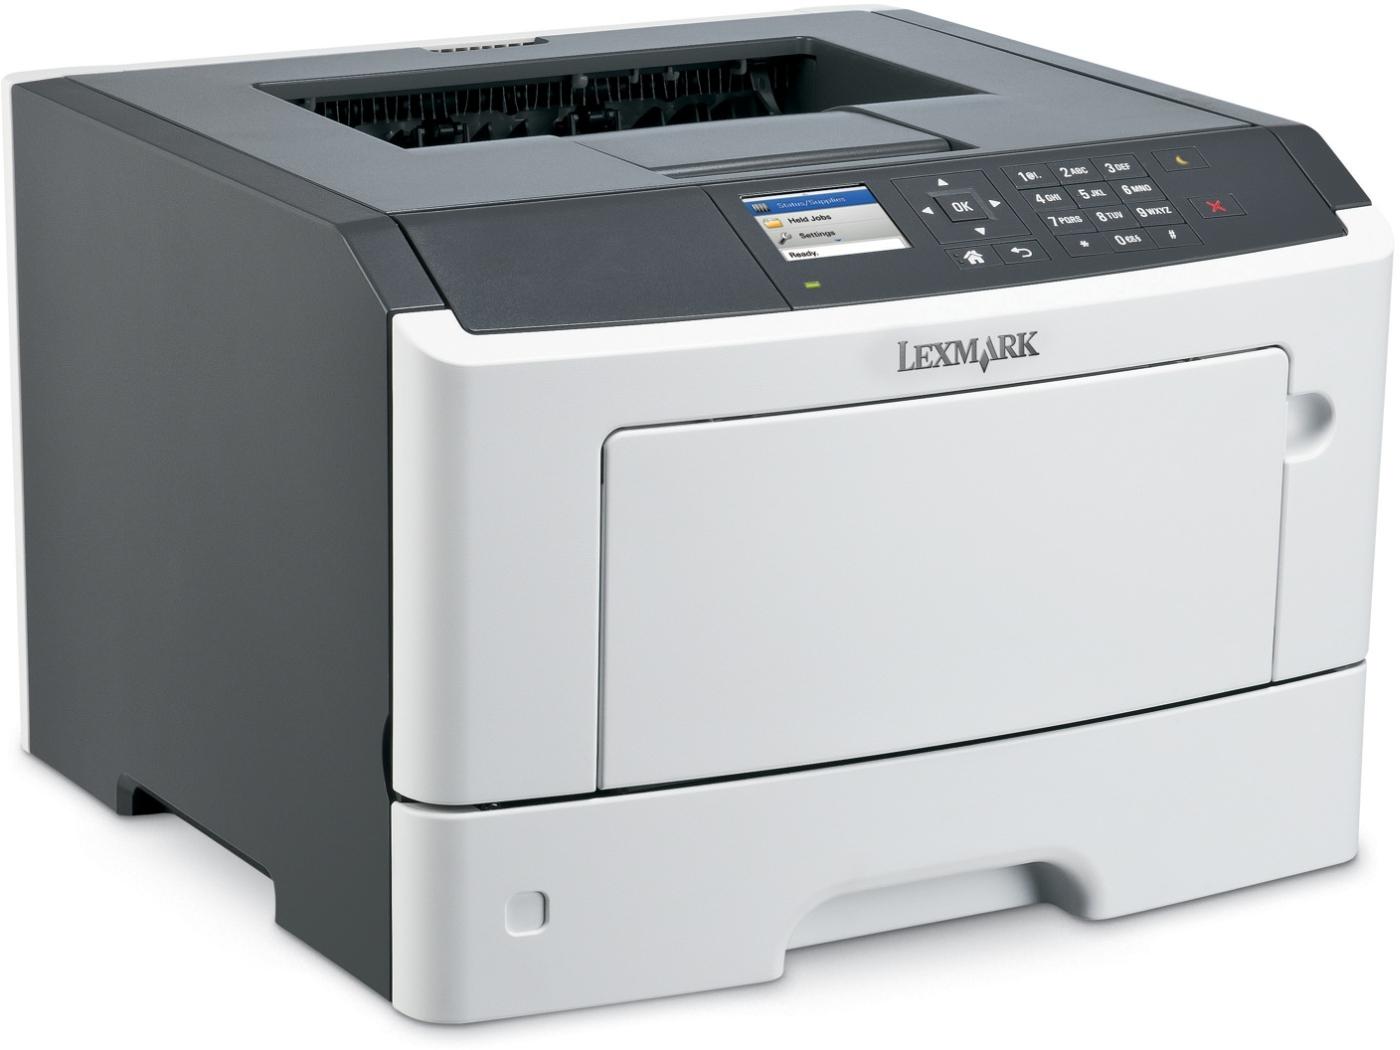 Lexmark Ms415dn Laser Printer Copyfaxes